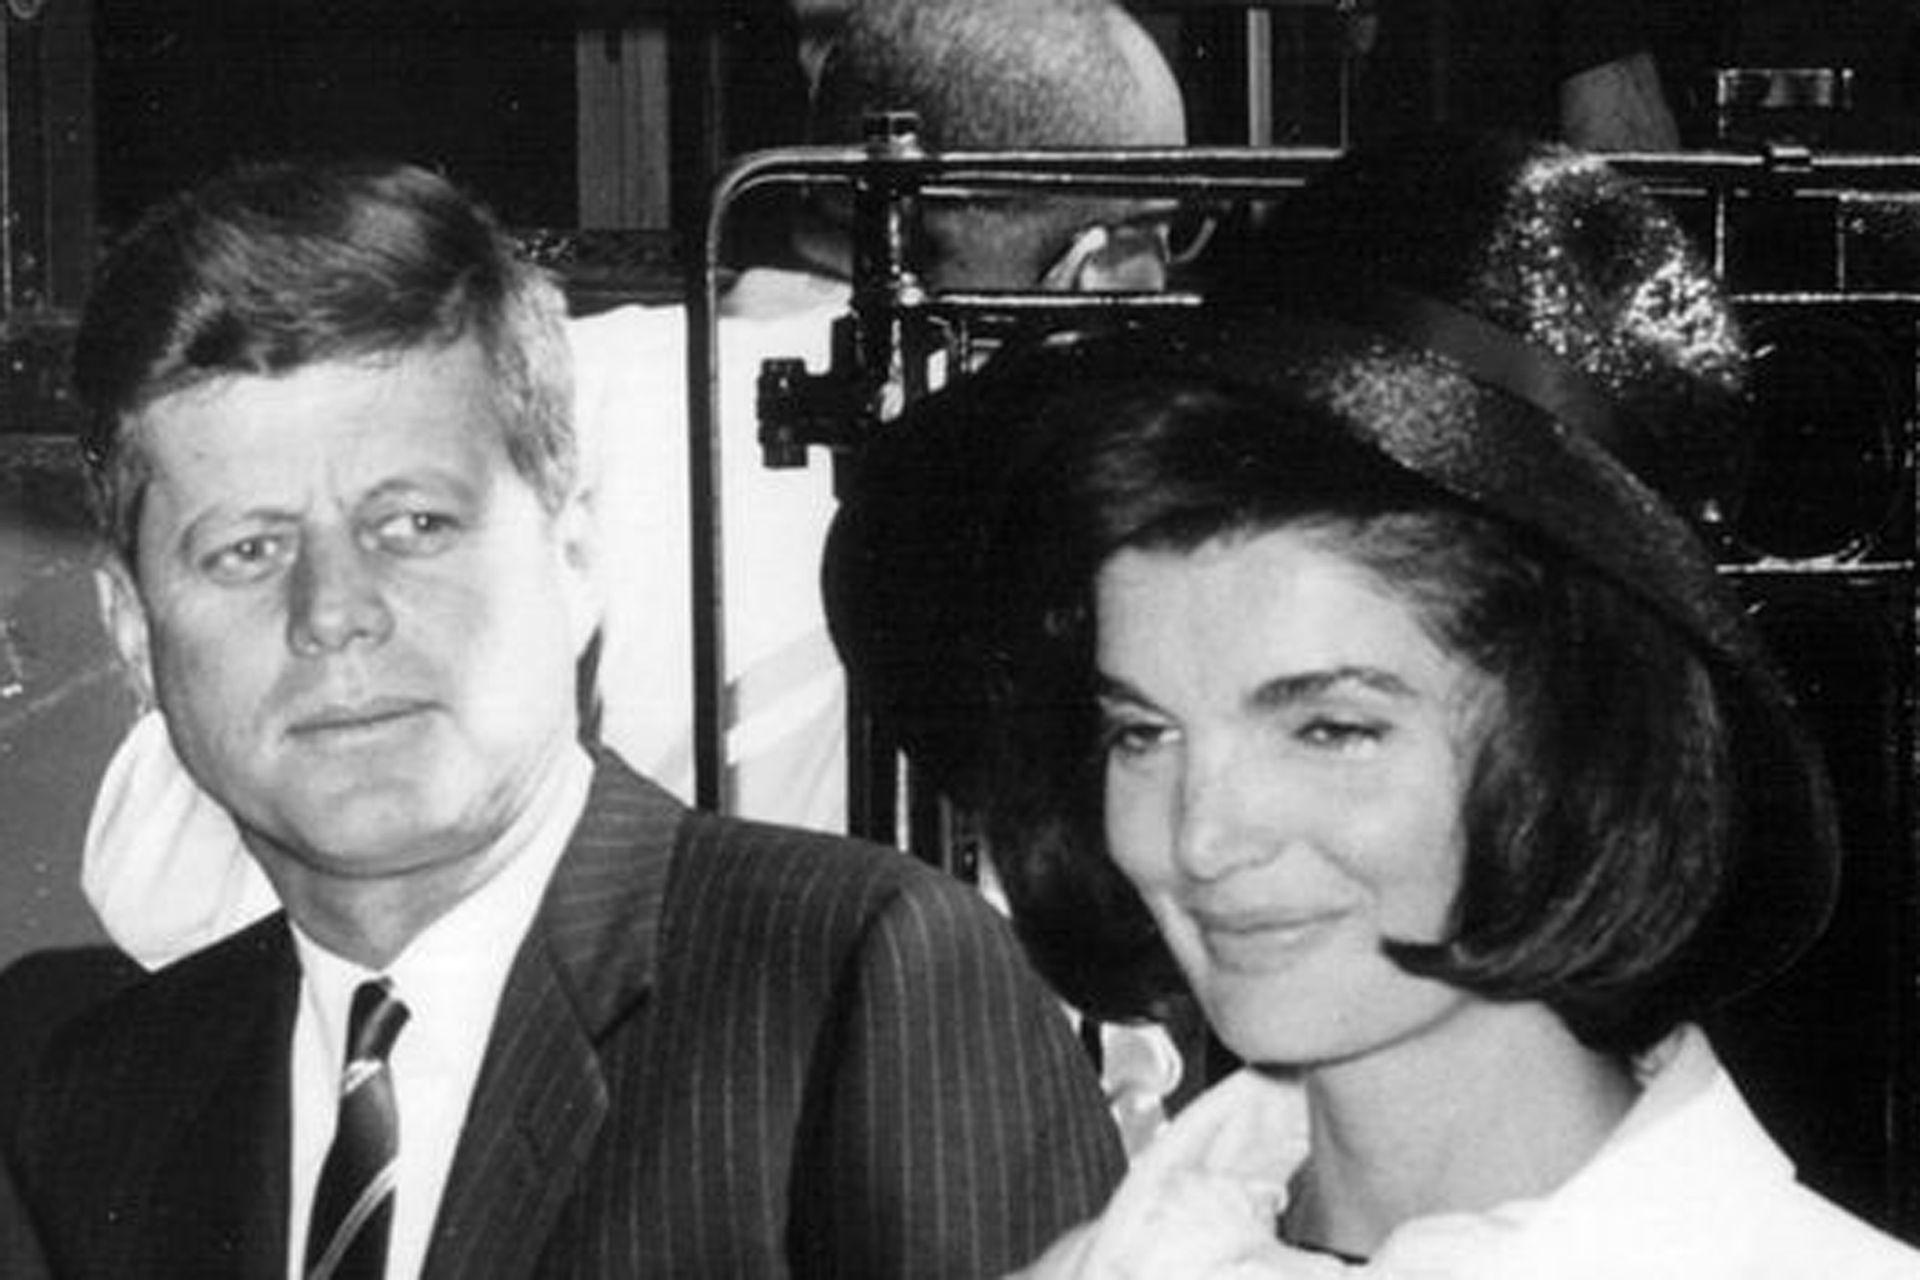 JFK y Jacqueline Bouvier son considerados como la pareja presidencial más icónica de la historia de Estados Unidos